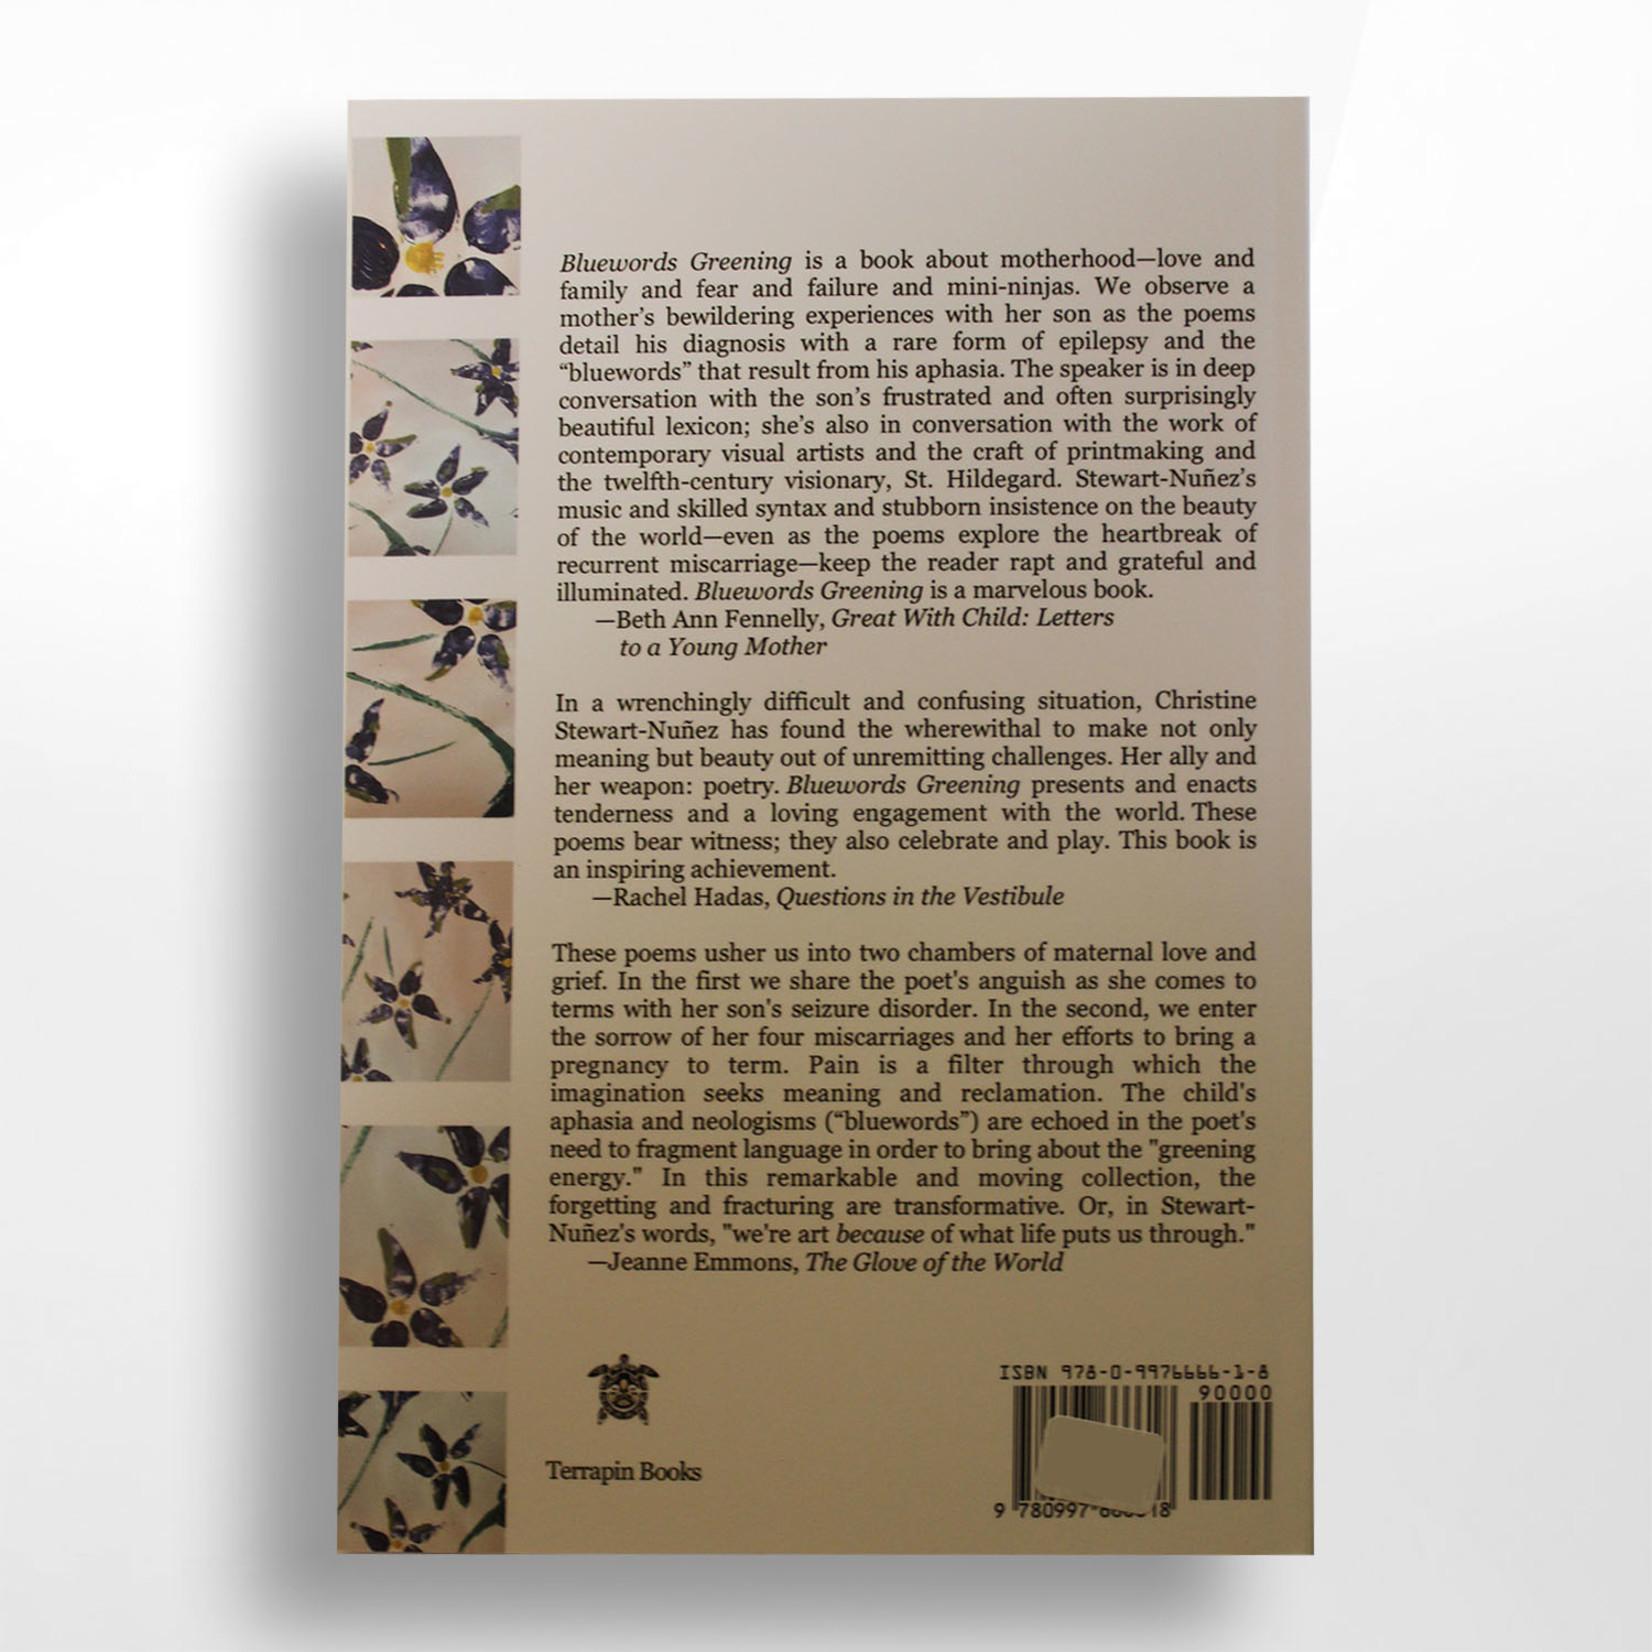 Ingram Bluewords Greening: Poems